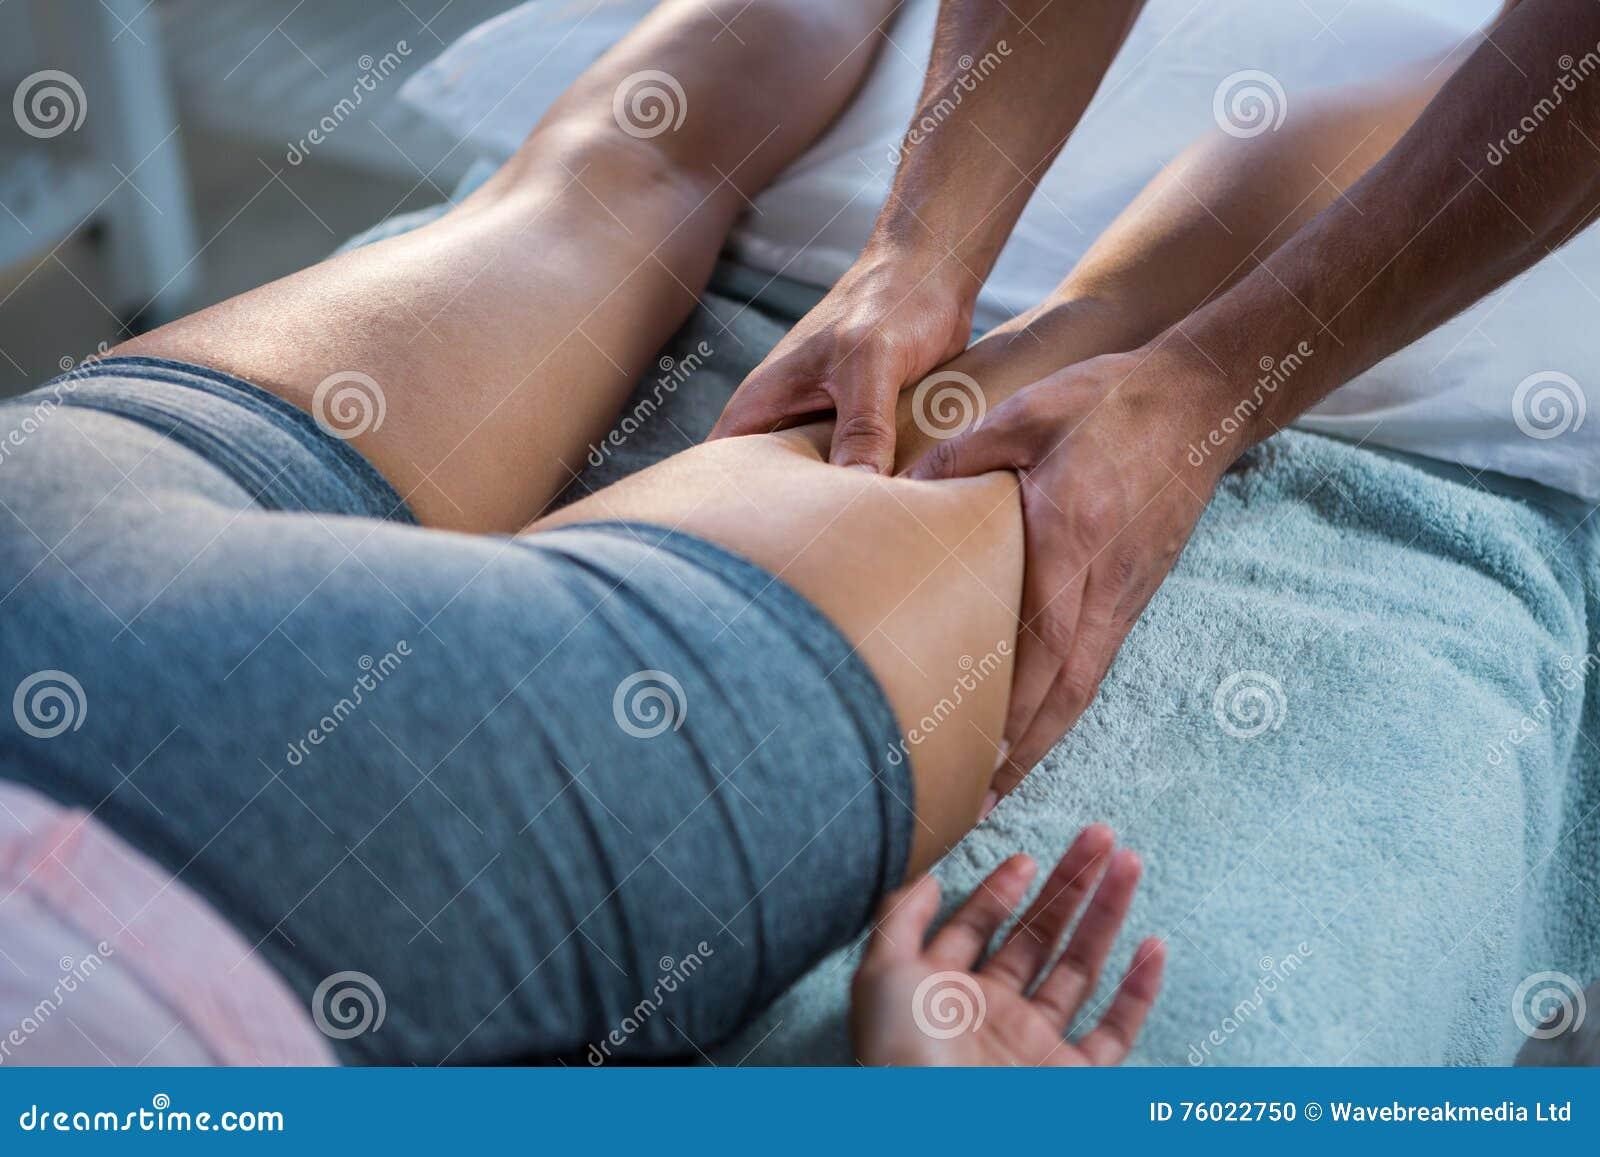 给腿按摩的生理治疗师妇女